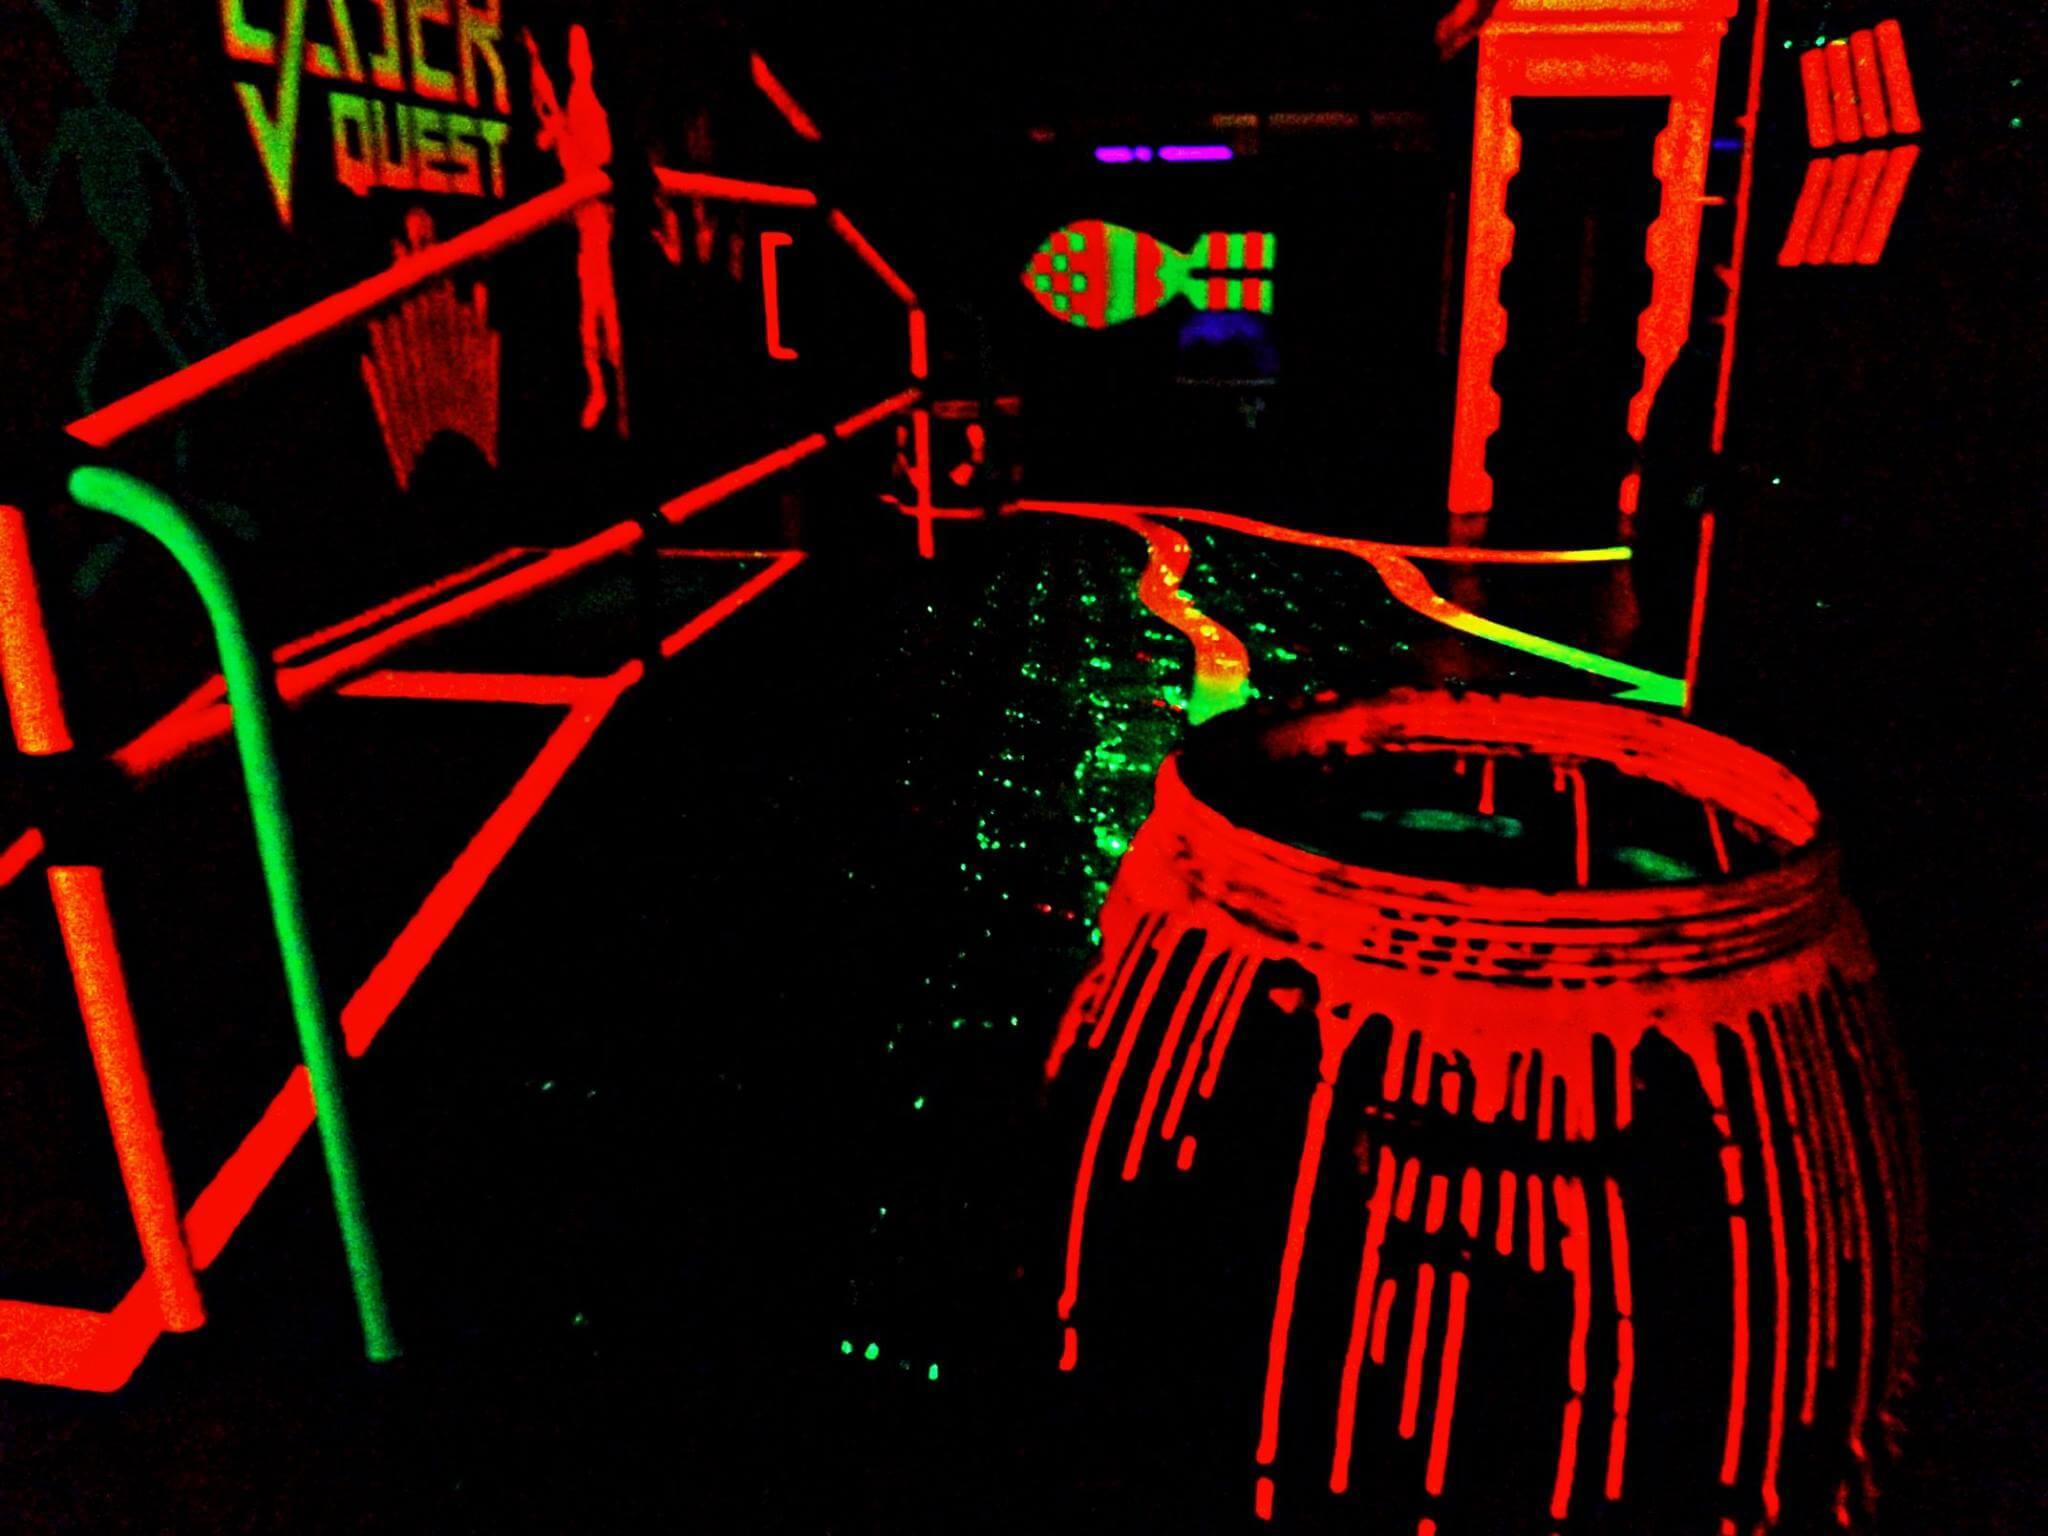 Skegness Pier - Laser Quest